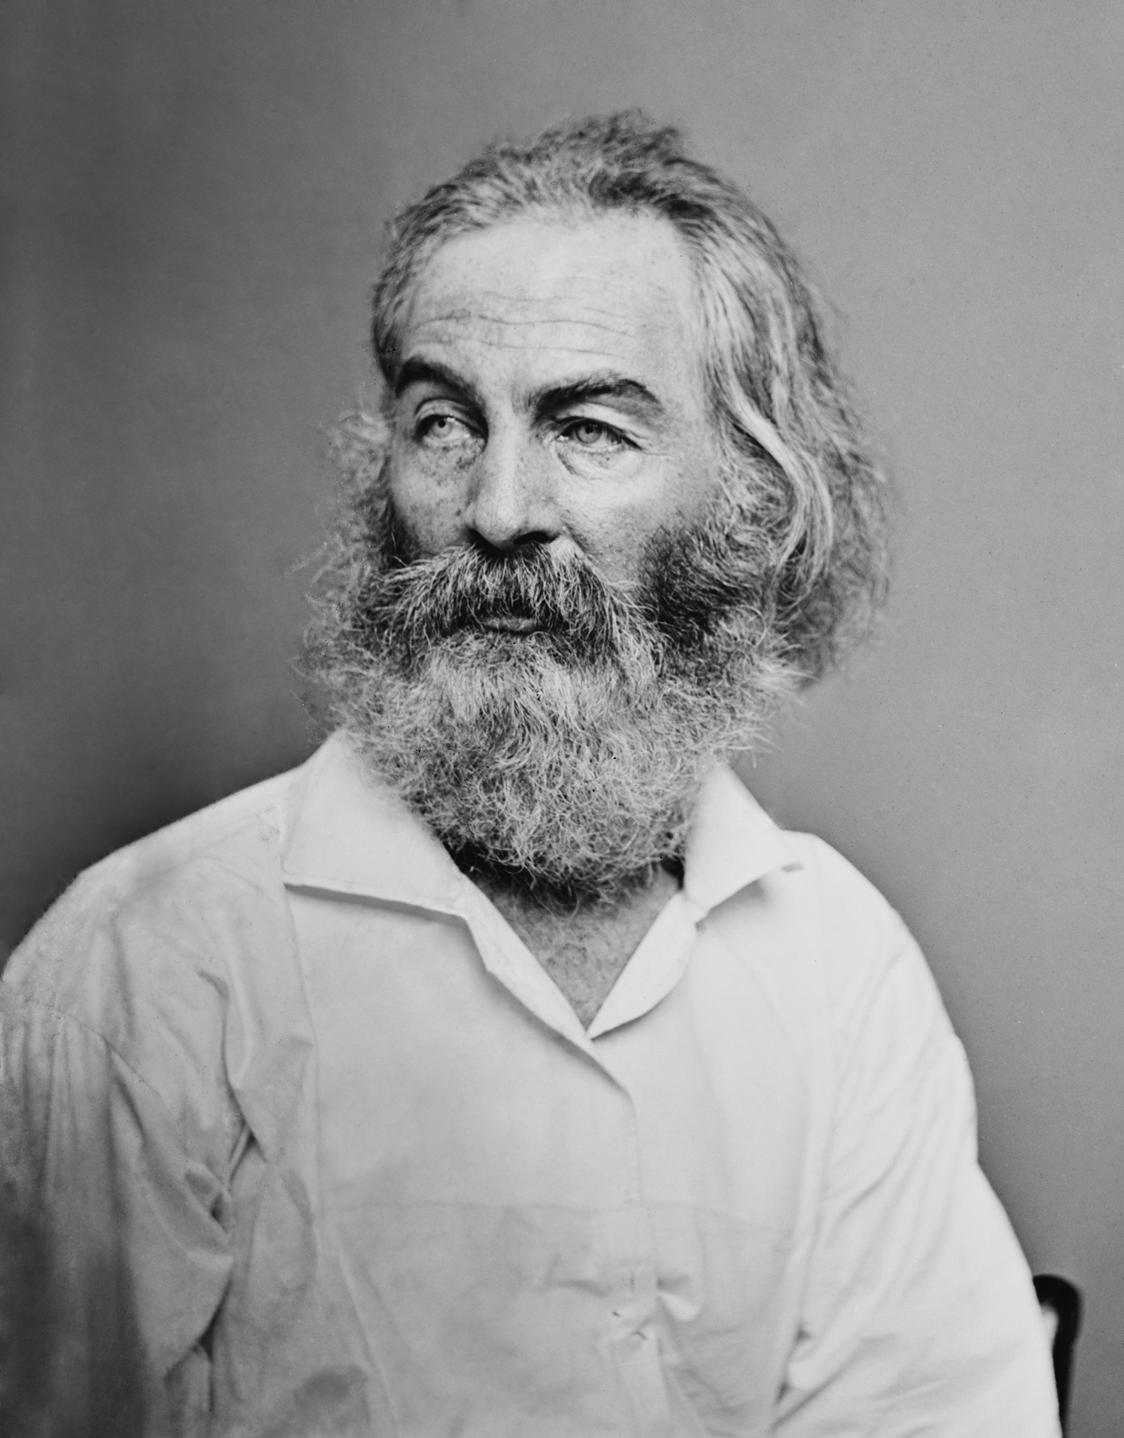 La littérature américaine de 1820 à 1930 – 4e séance : Deux génies poétiques : Walt Whitman et Emily Dickinson (cours annulé en raison de la situation sanitaire et reporté au mercredi 19 mai 2021)